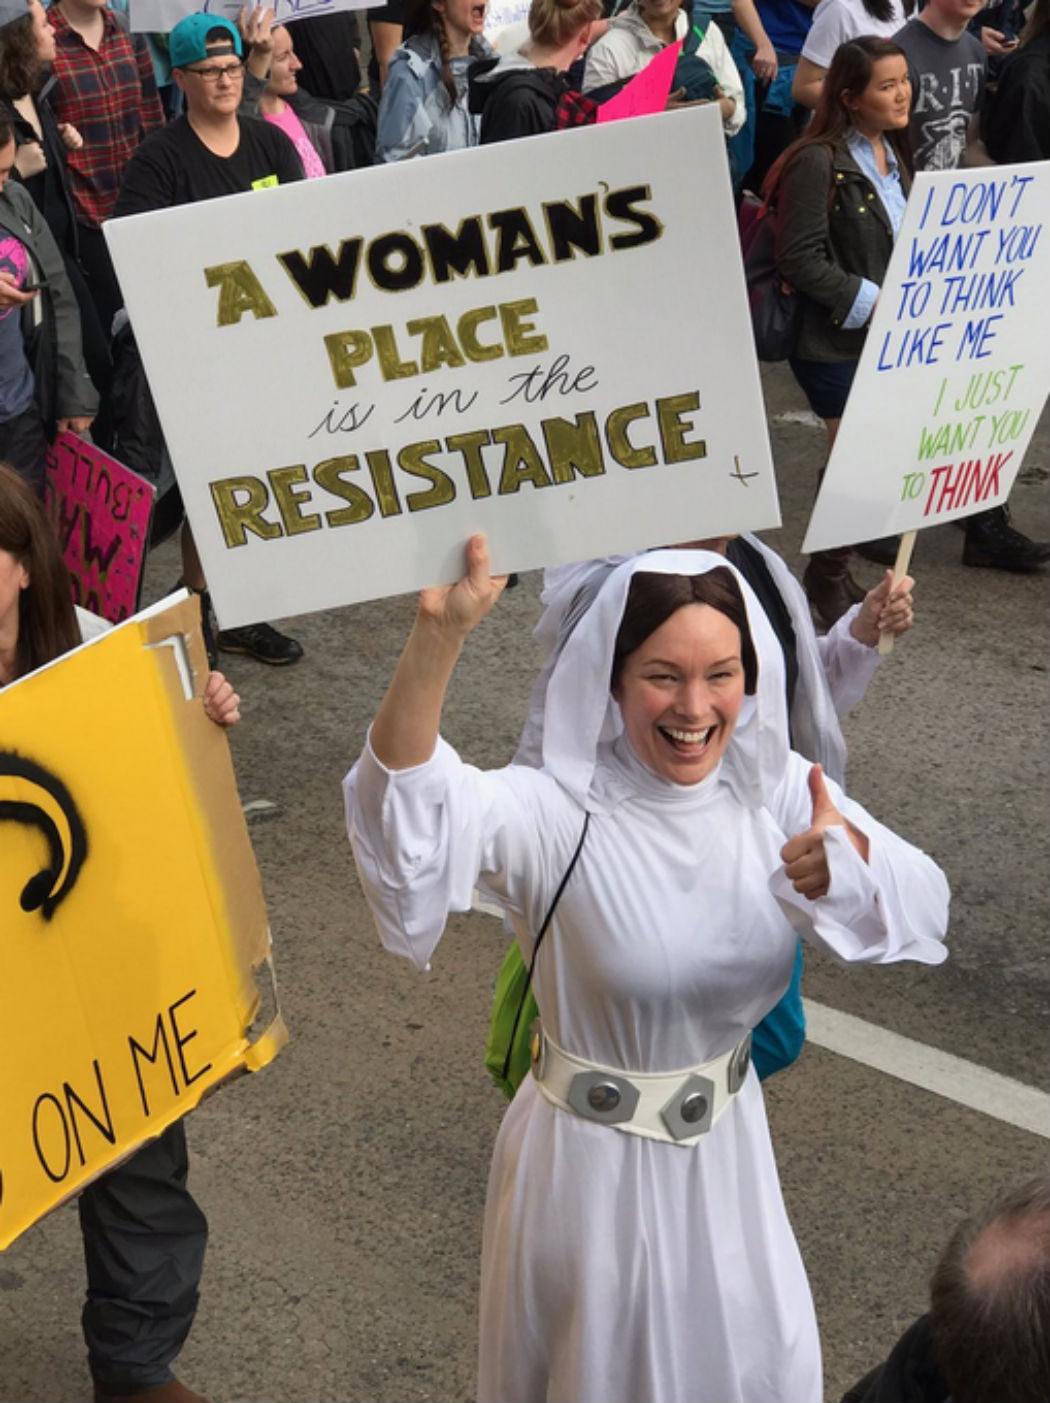 El lugar de la mujer está en la Resistencia